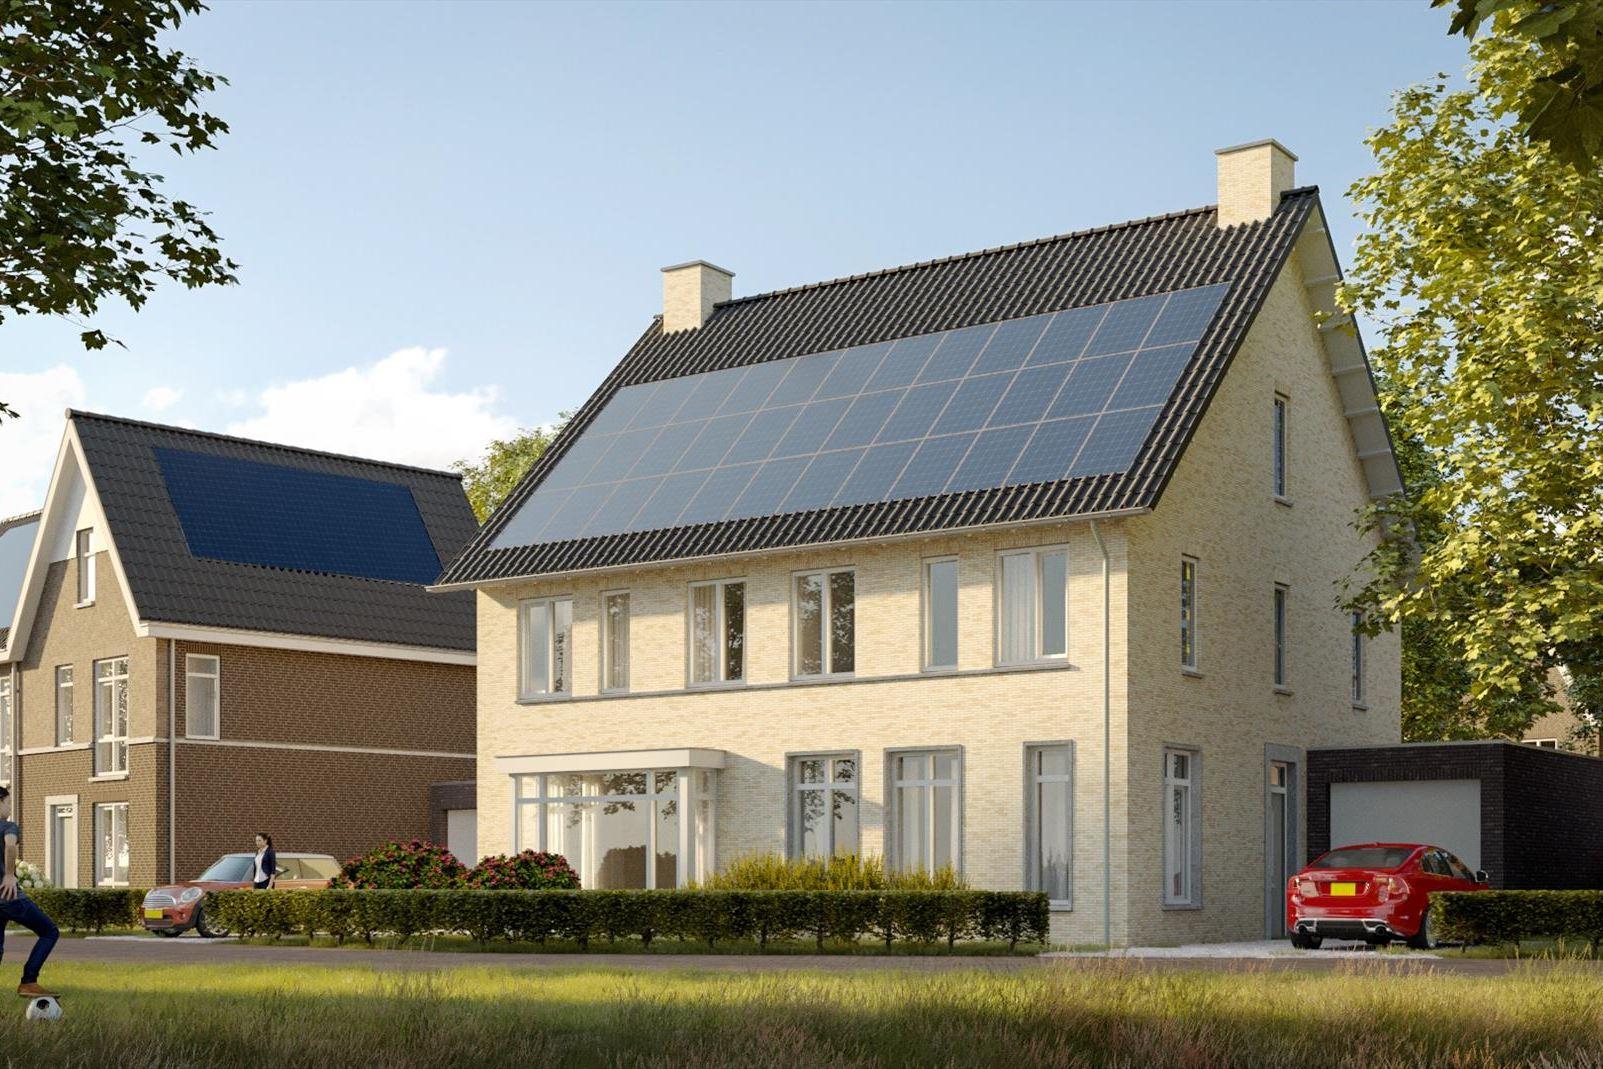 Budget Badkamer Nuenen : Huis te koop: gerwenzo! bouwnummer 52 53 5674 xd nuenen [funda]